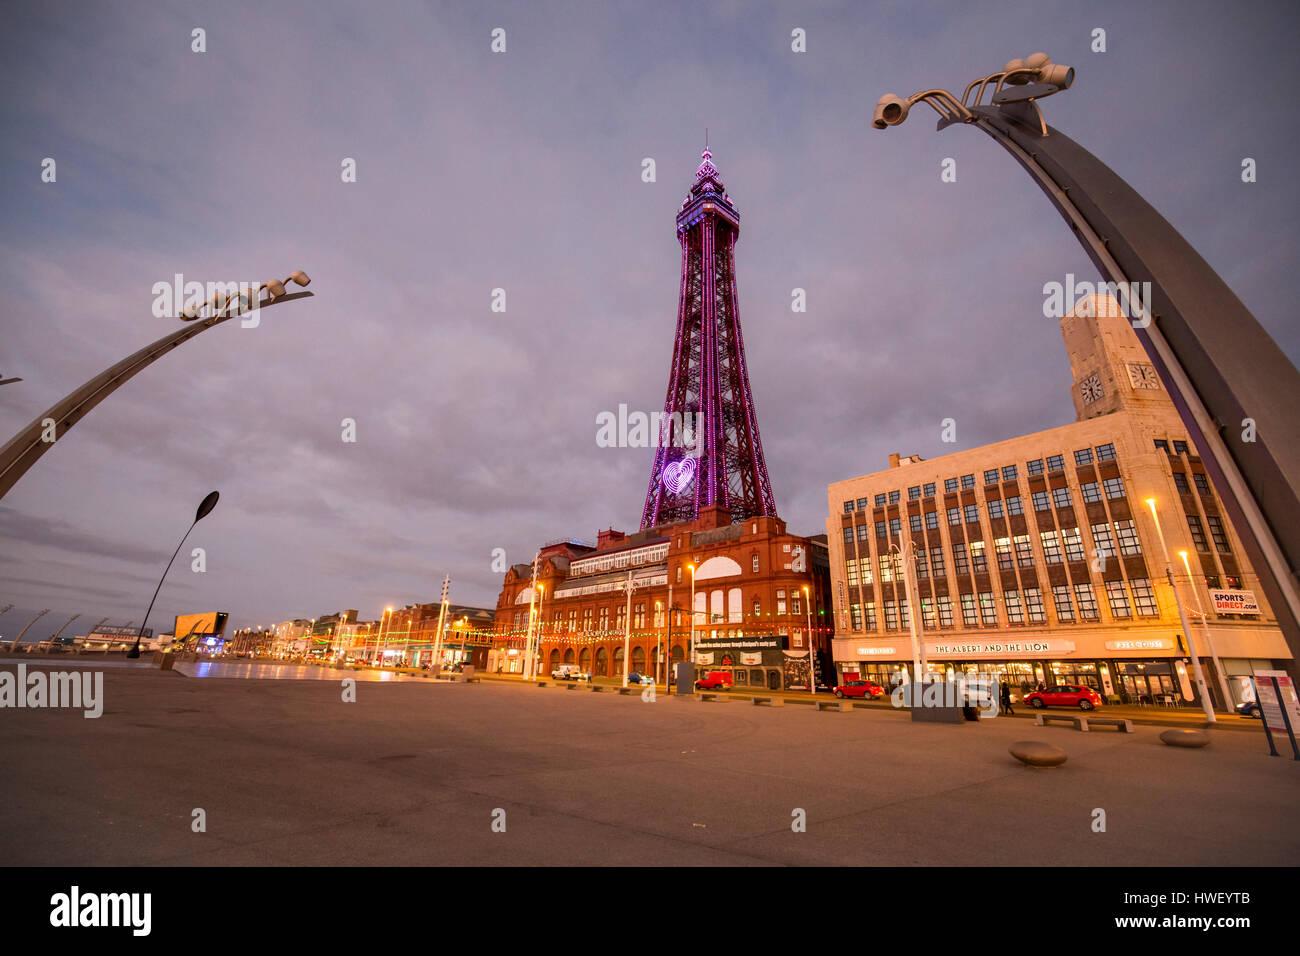 - Une station balnéaire sur la côte de la mer d'Irlande de l'Angleterre. La tour de Blackpool Photo Stock